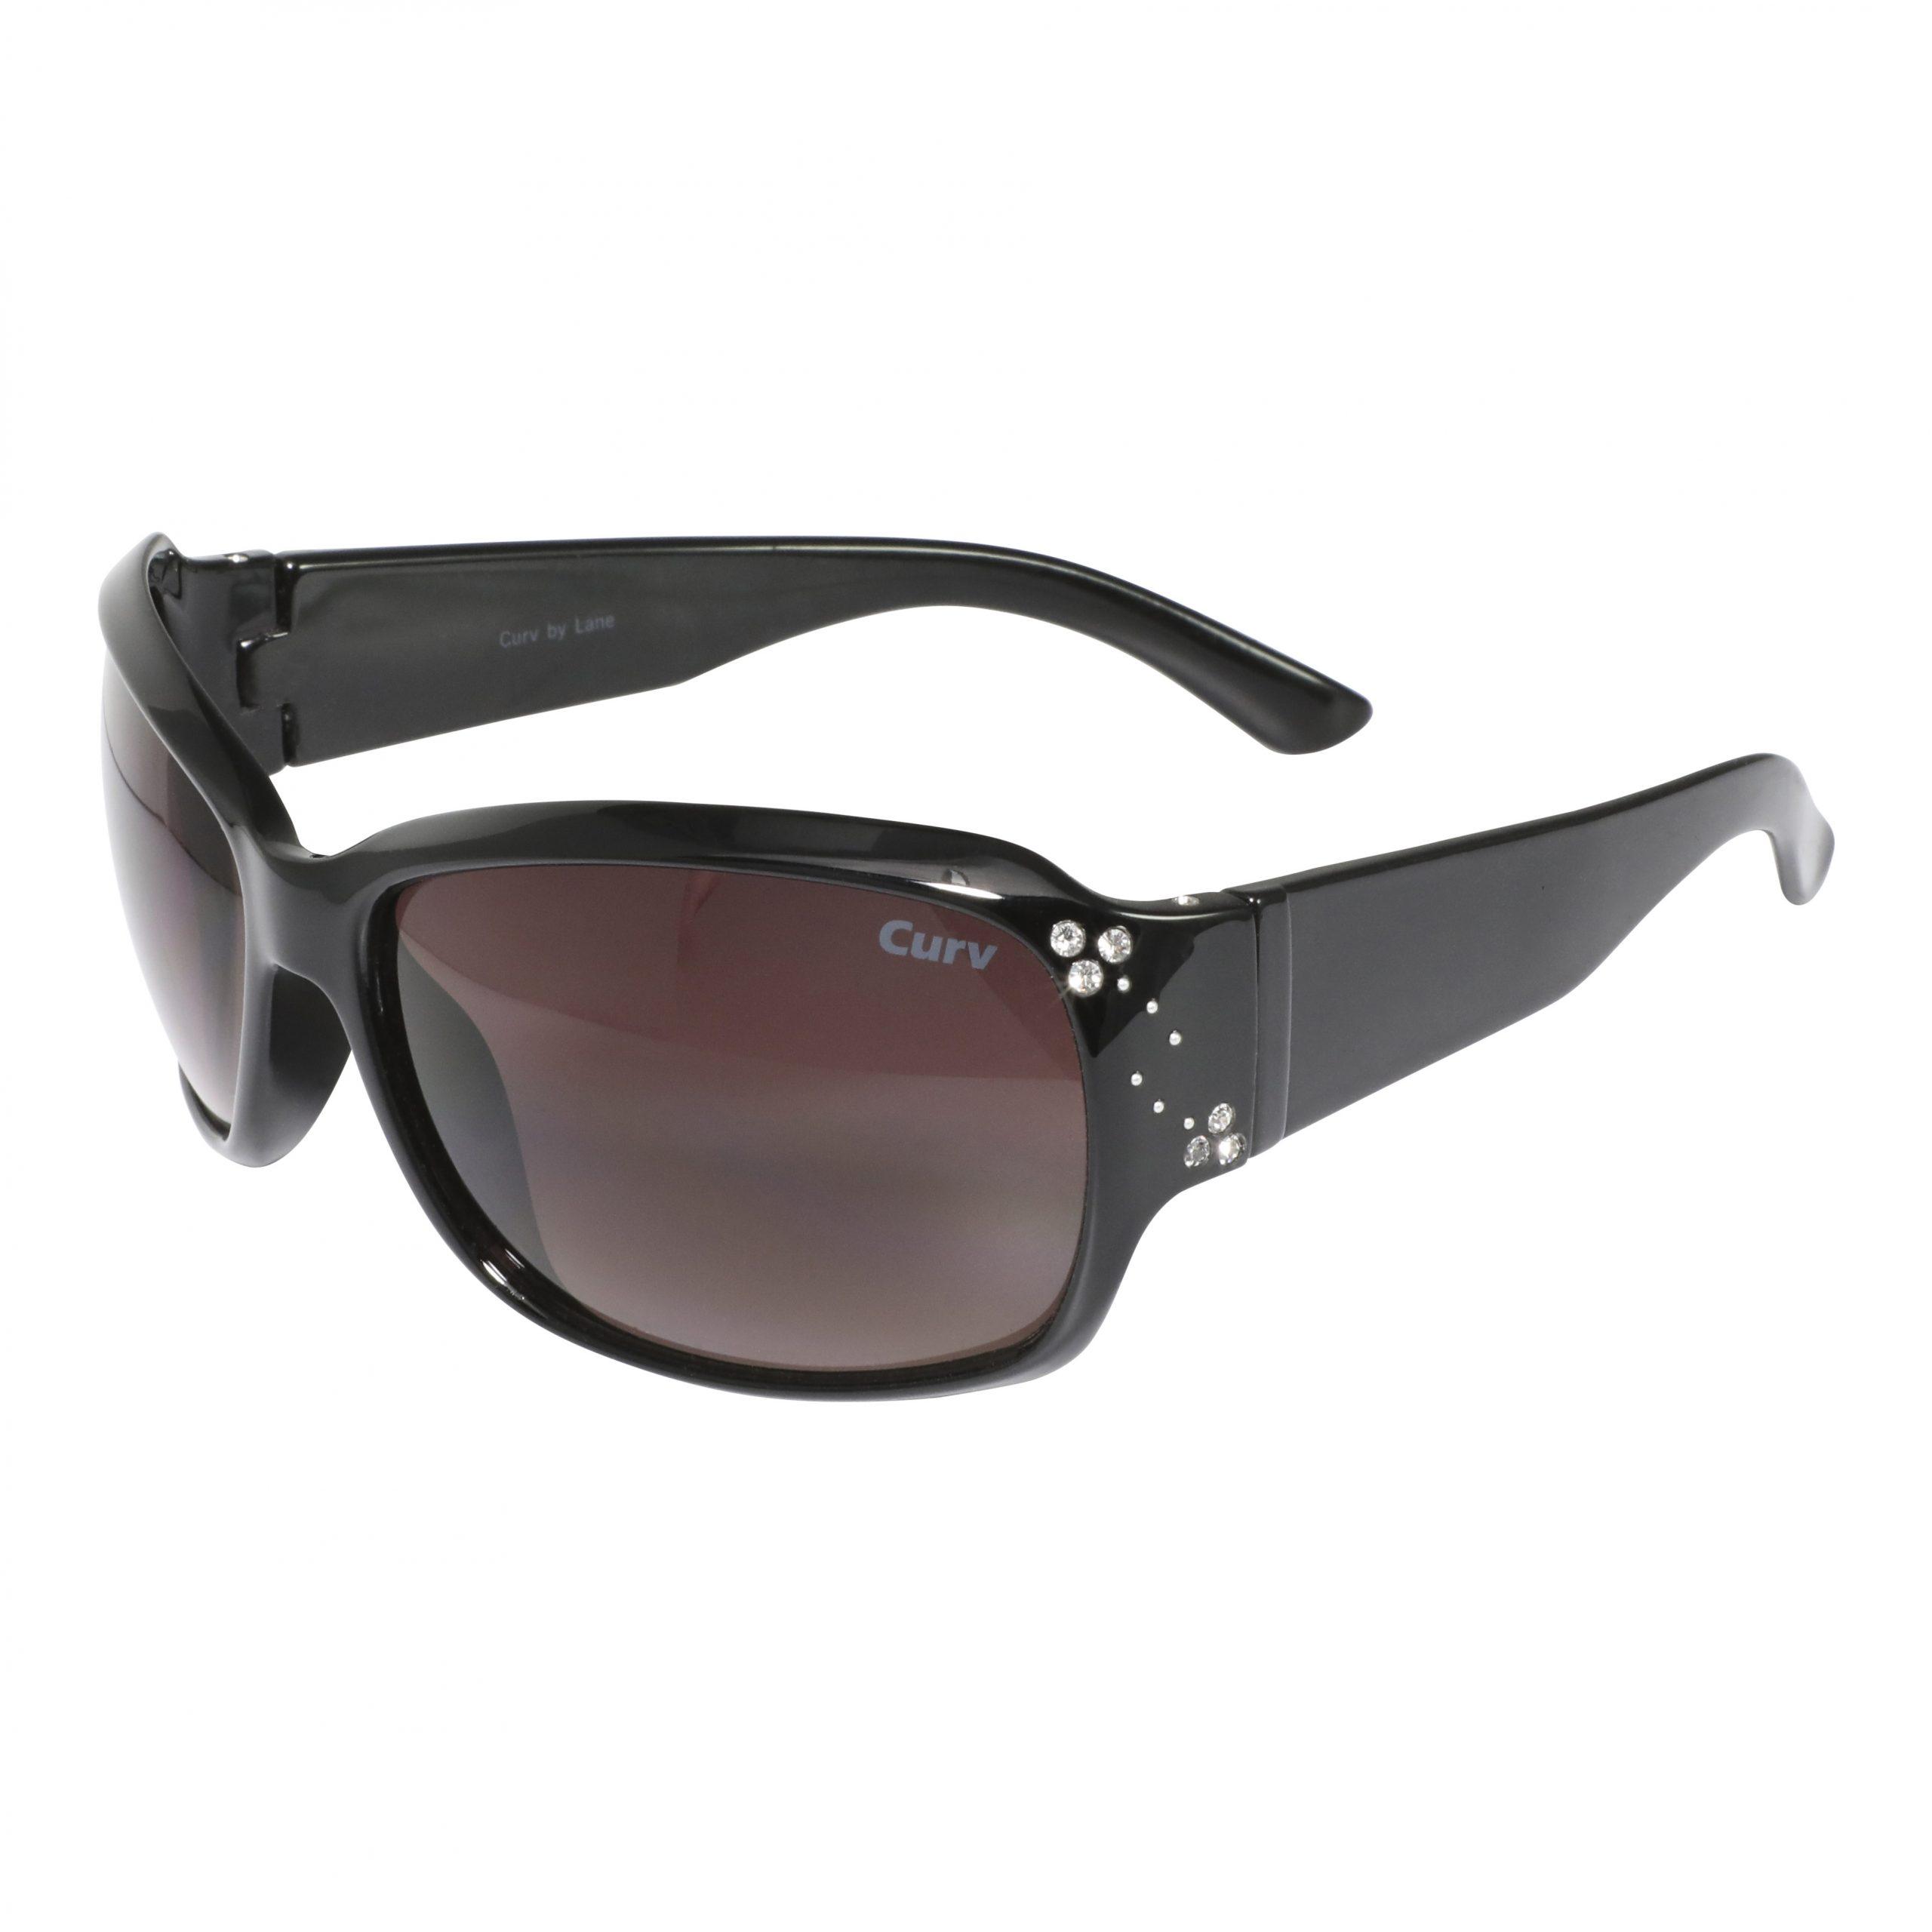 01-18 Curv Rhinestone and Stud Sunglasses